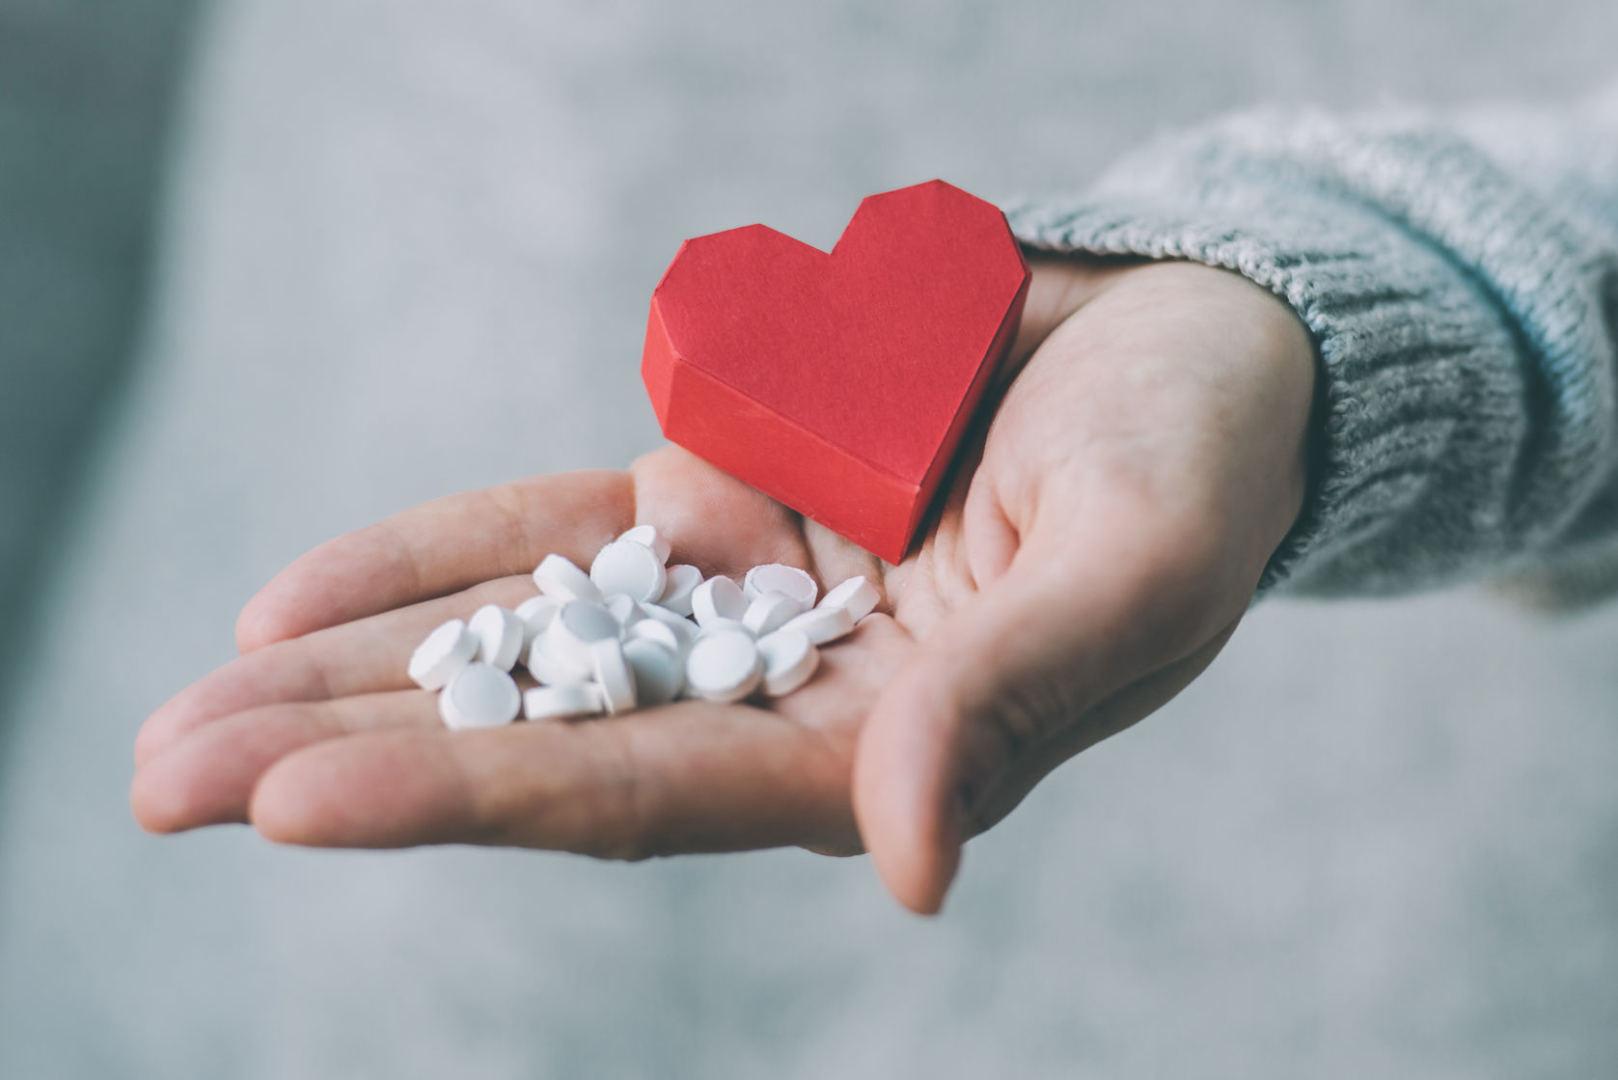 sveikatos nerimas dėl mano širdies)